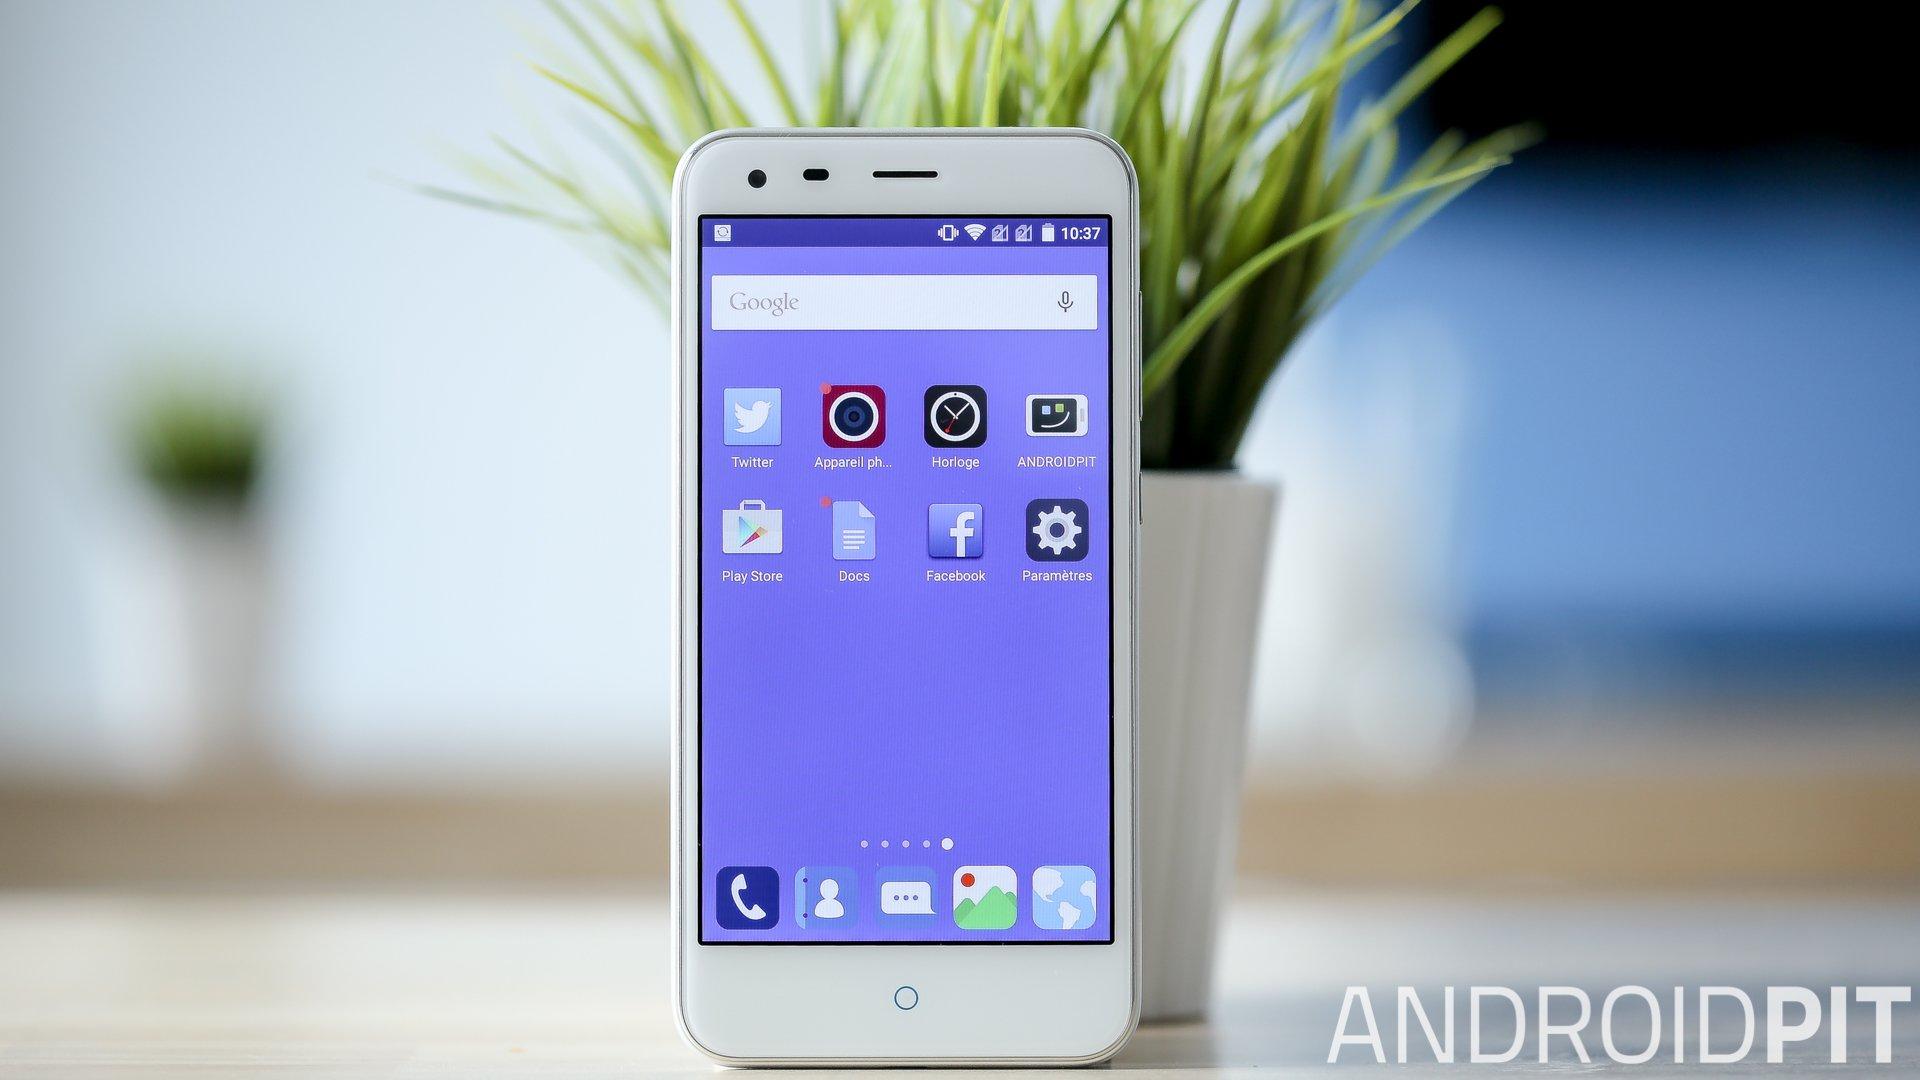 Le 5 migliori app android per fare la spesa androidpit for App per progettare casa android